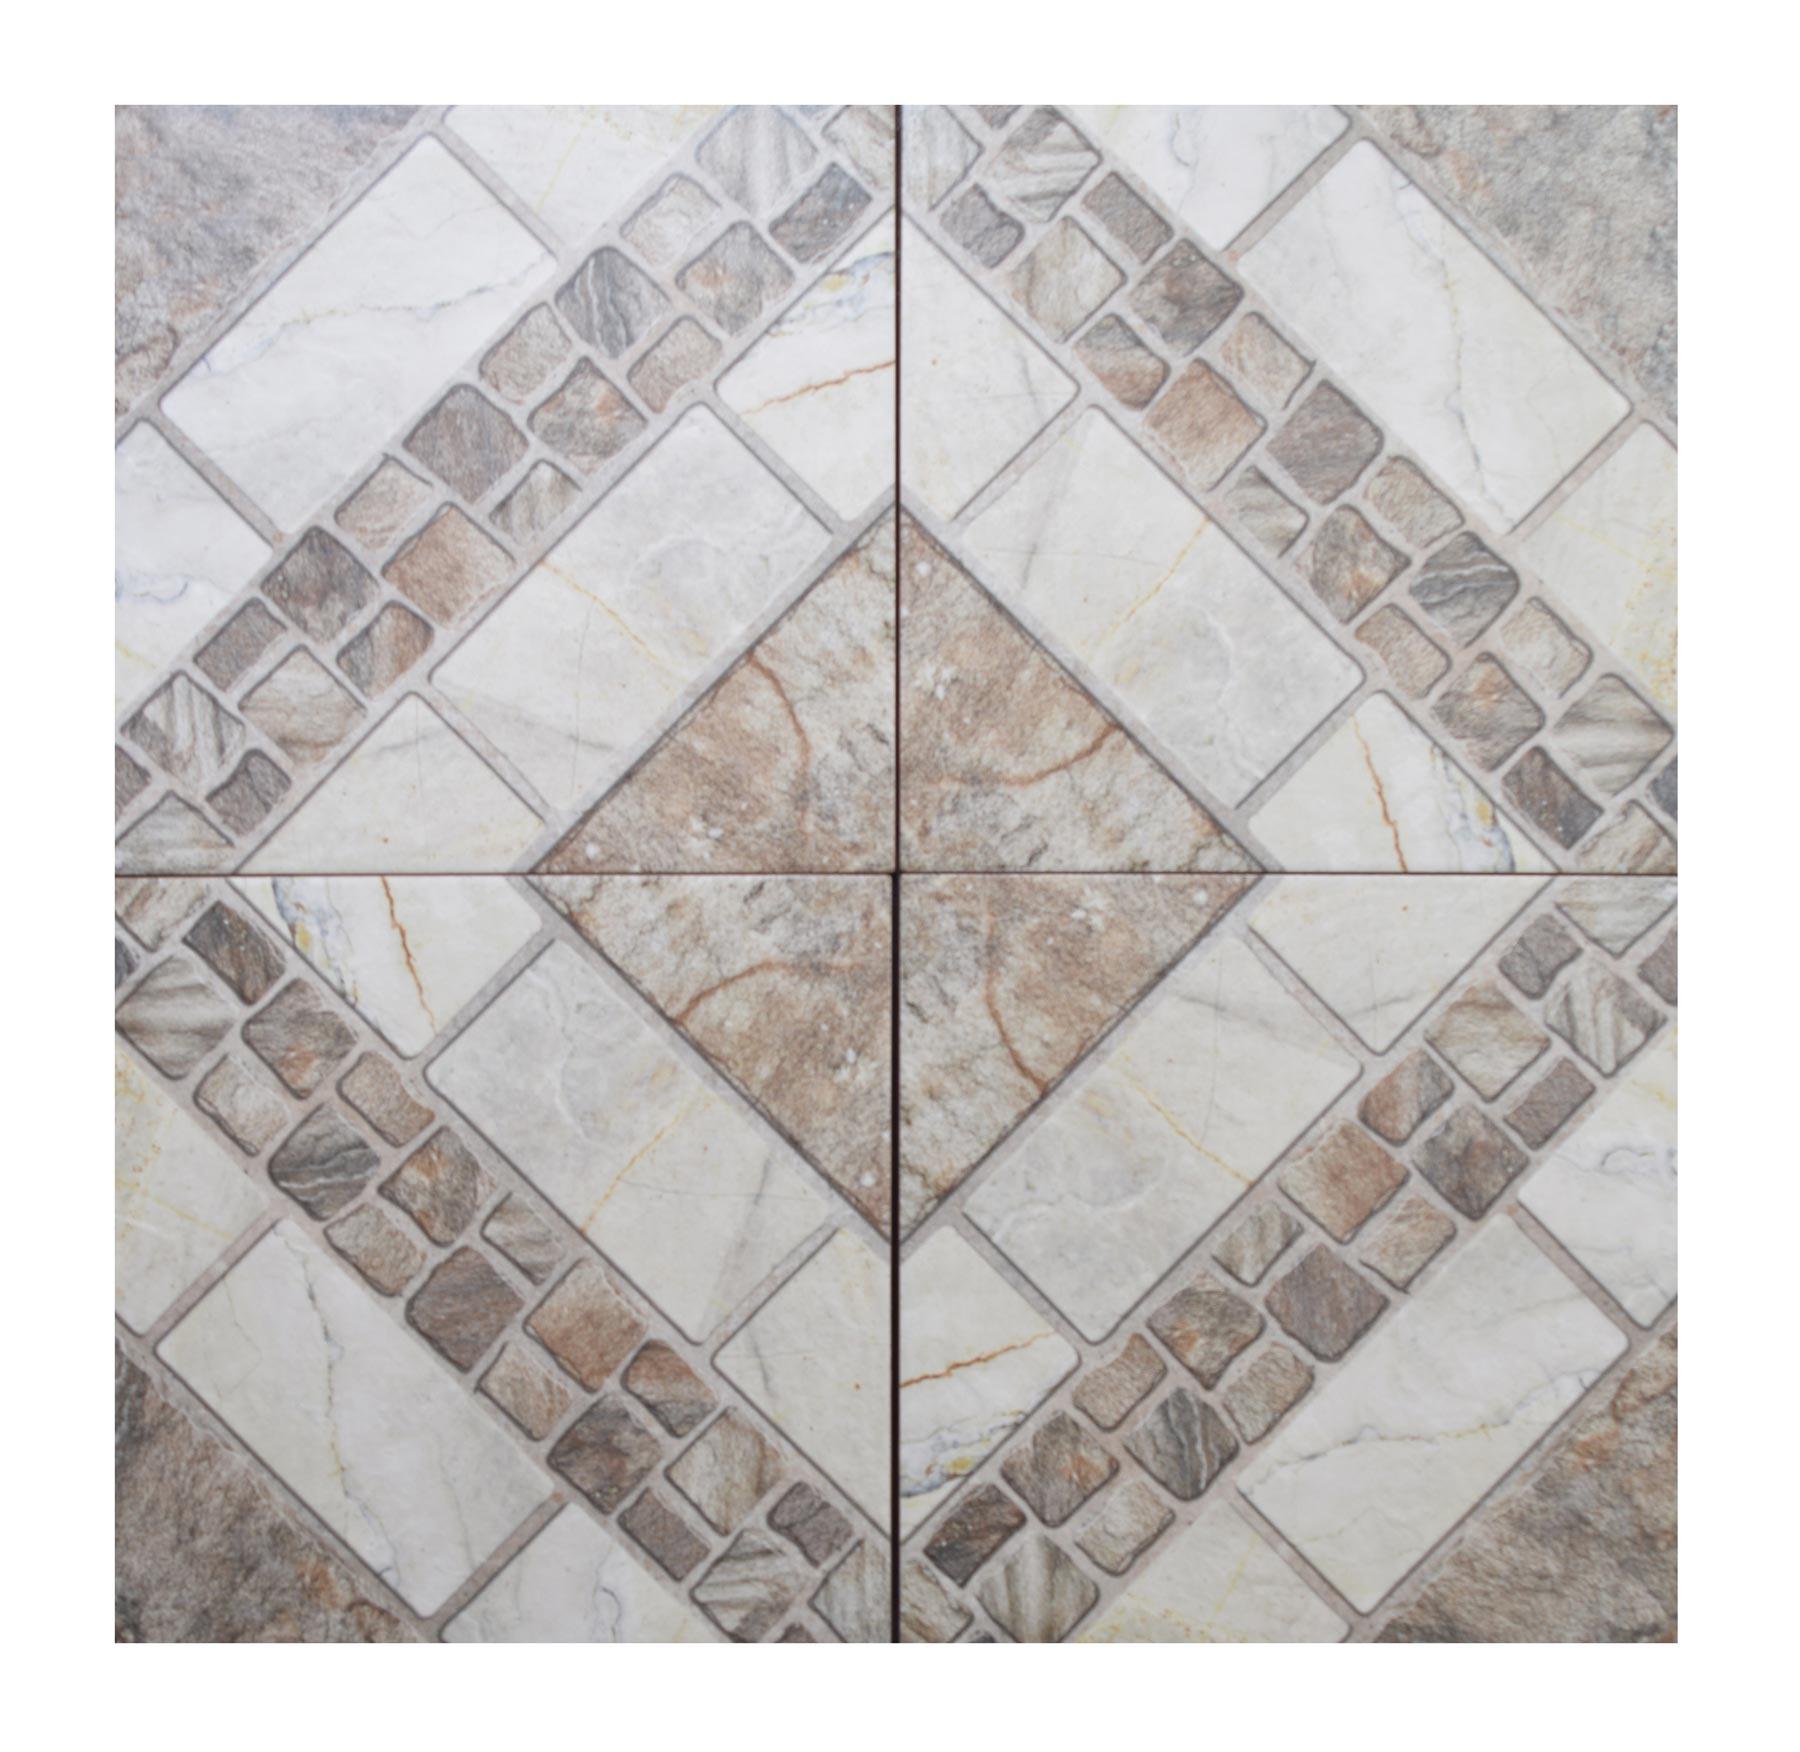 18x18 ceramic floor tile